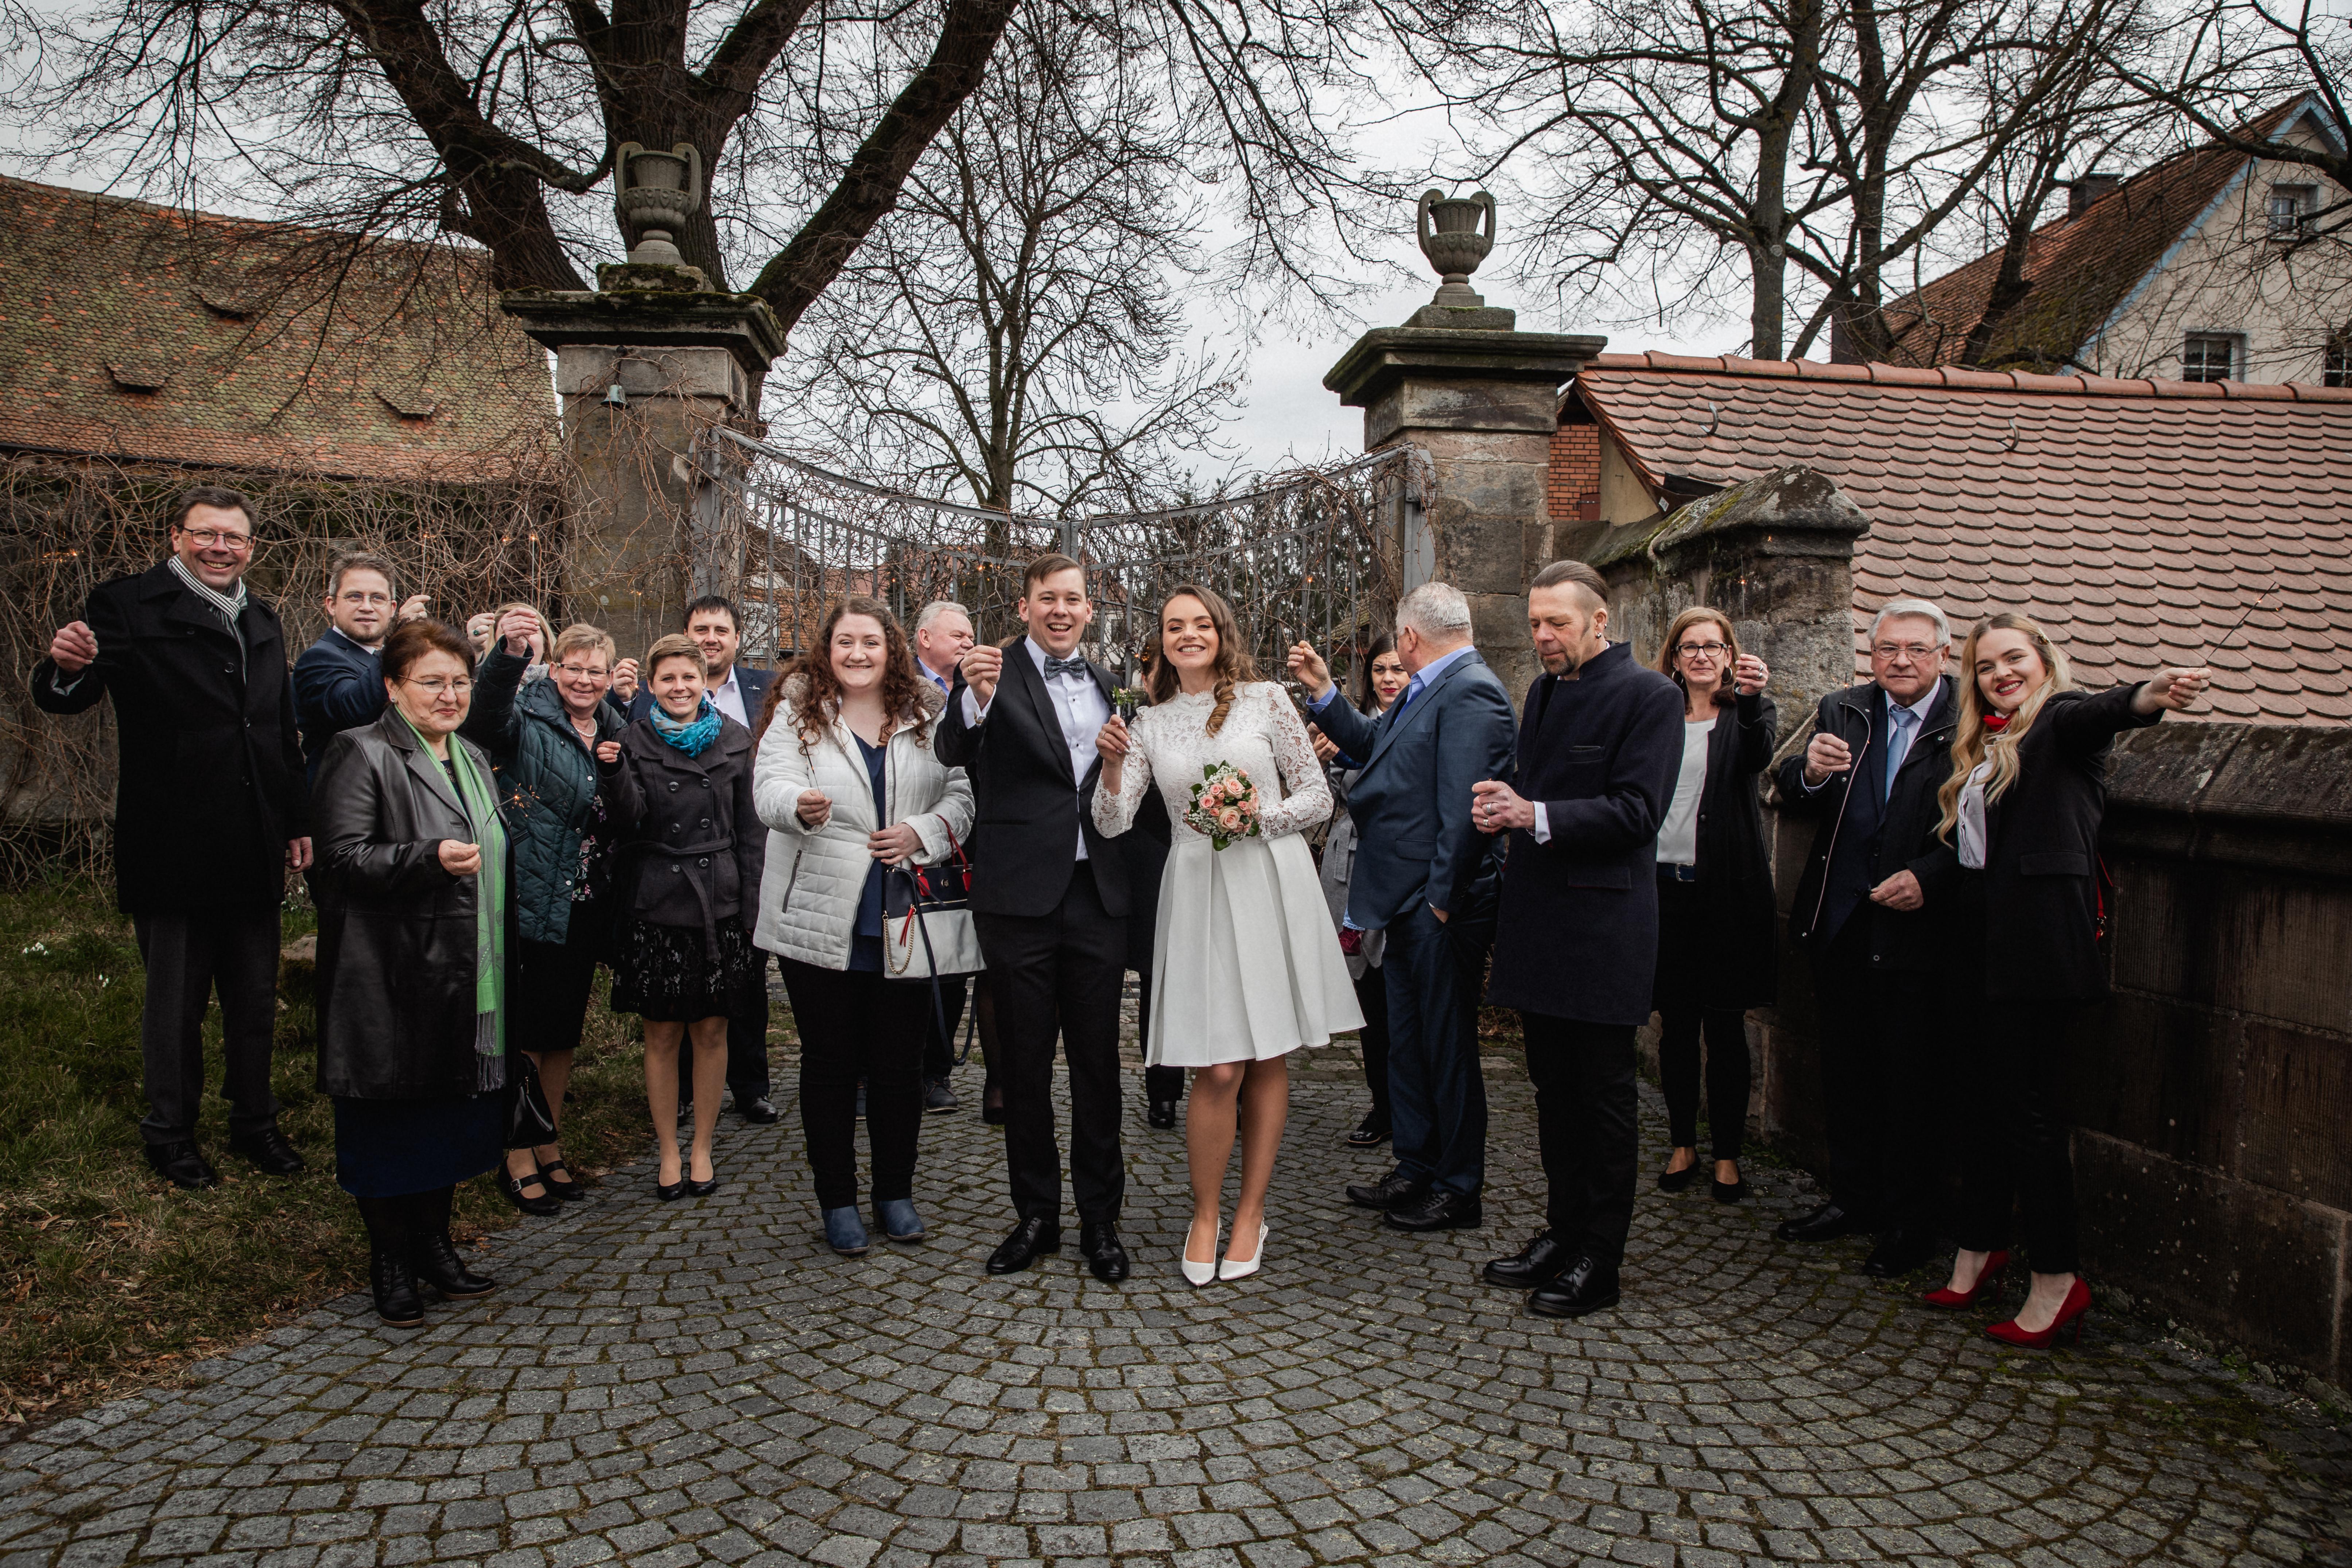 Hochzeitsfotograf-Grossgruendlach-Standesamt-Hallerschloss-Urbanerie-Stazija-und-Michael-075